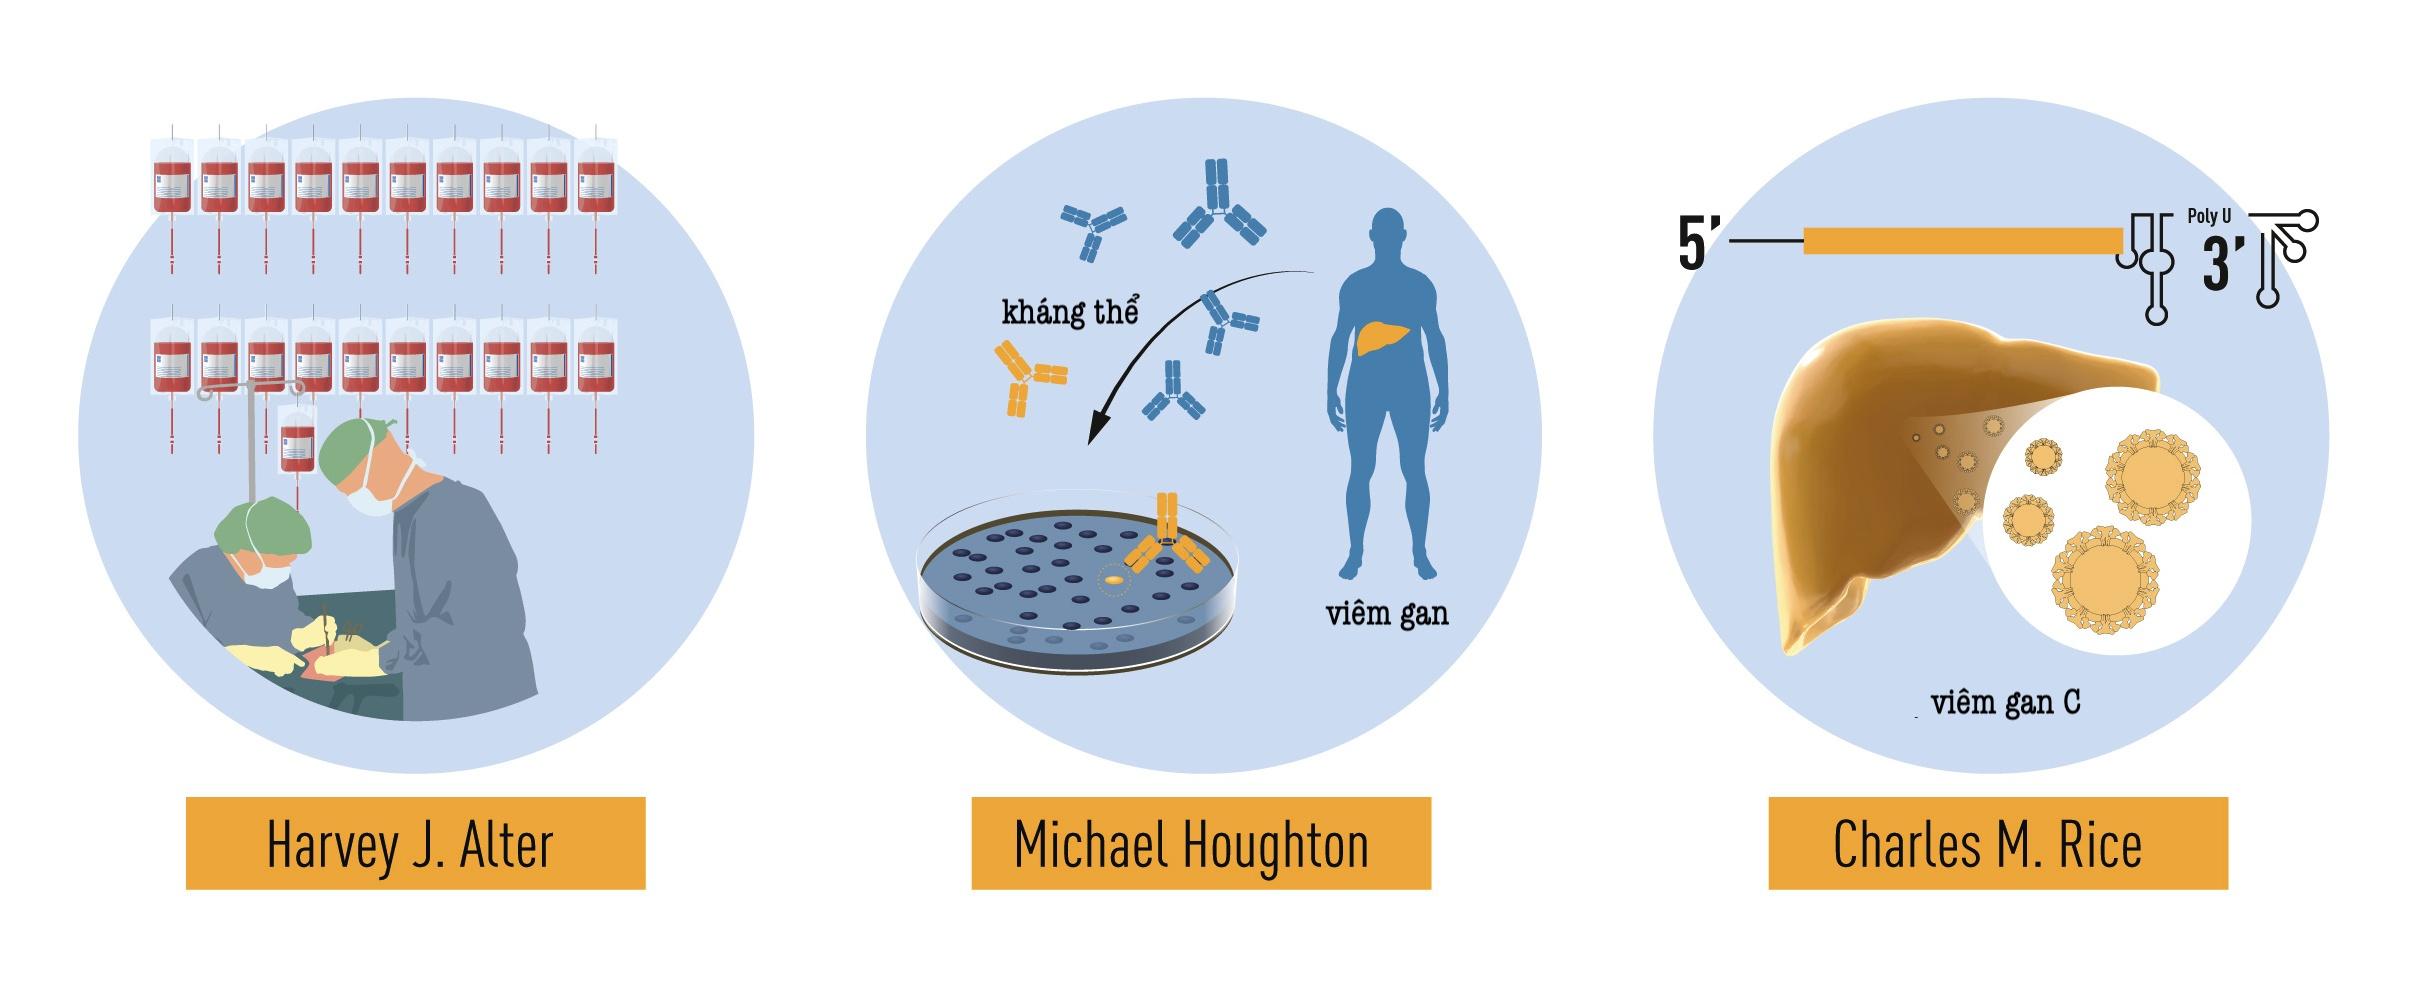 Đóng góp của 3 nhà khoa học vào giải Nobel Y học năm nay: Các nghiên cứu có phương pháp về bệnh viêm gan liên quan đến truyền máu của Harvey J. Alter đã chứng minh rằng một virus chưa được biết đến là nguyên nhân phổ biến của bệnh viêm gan mạn. Michael Houghton đã sử dụng một chiến lược mới để phân lập thành công hệ gene của loài virus mới được đặt tên là virus viêm gan C. Charles M. Rice đã cung cấp bằng chứng quyết định cho thấy một mình virus viêm gan C có thể gây ra bệnh viêm gan.